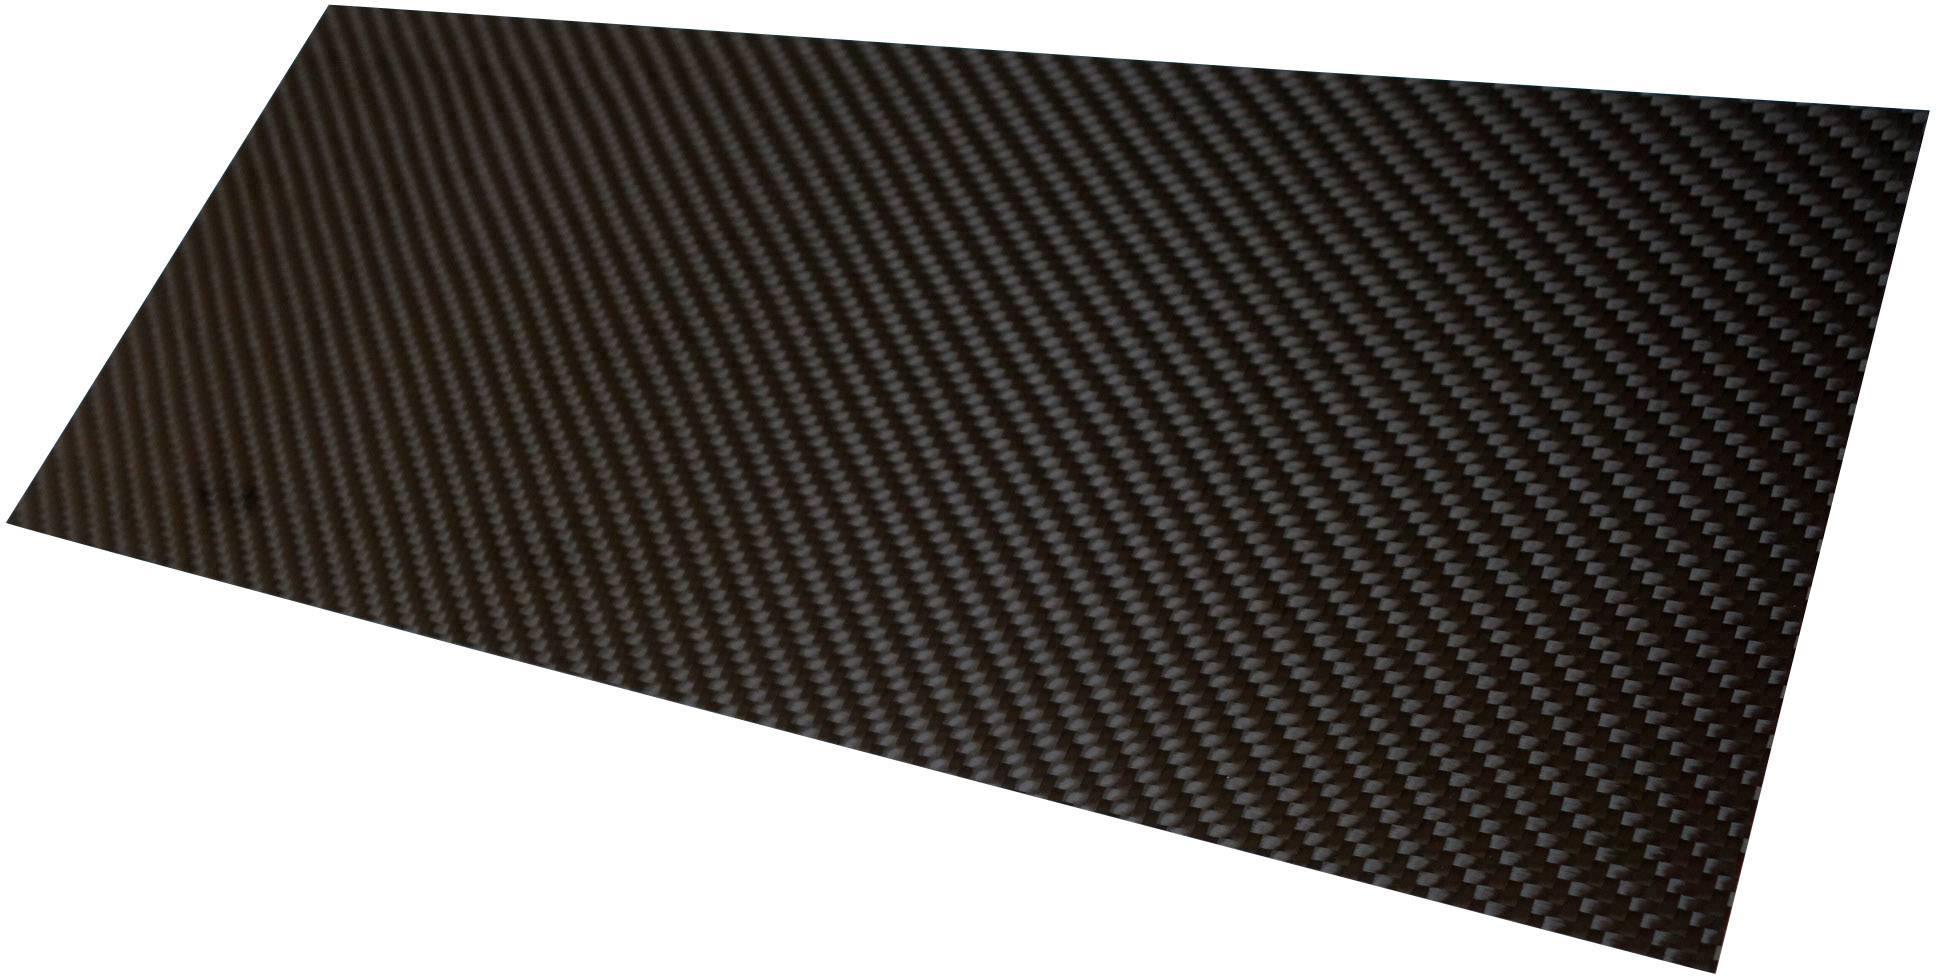 Karbonová deska Carbotec CFK-PLATTE 2MM, (d x š) 350 mm x 150 mm x 2 mm